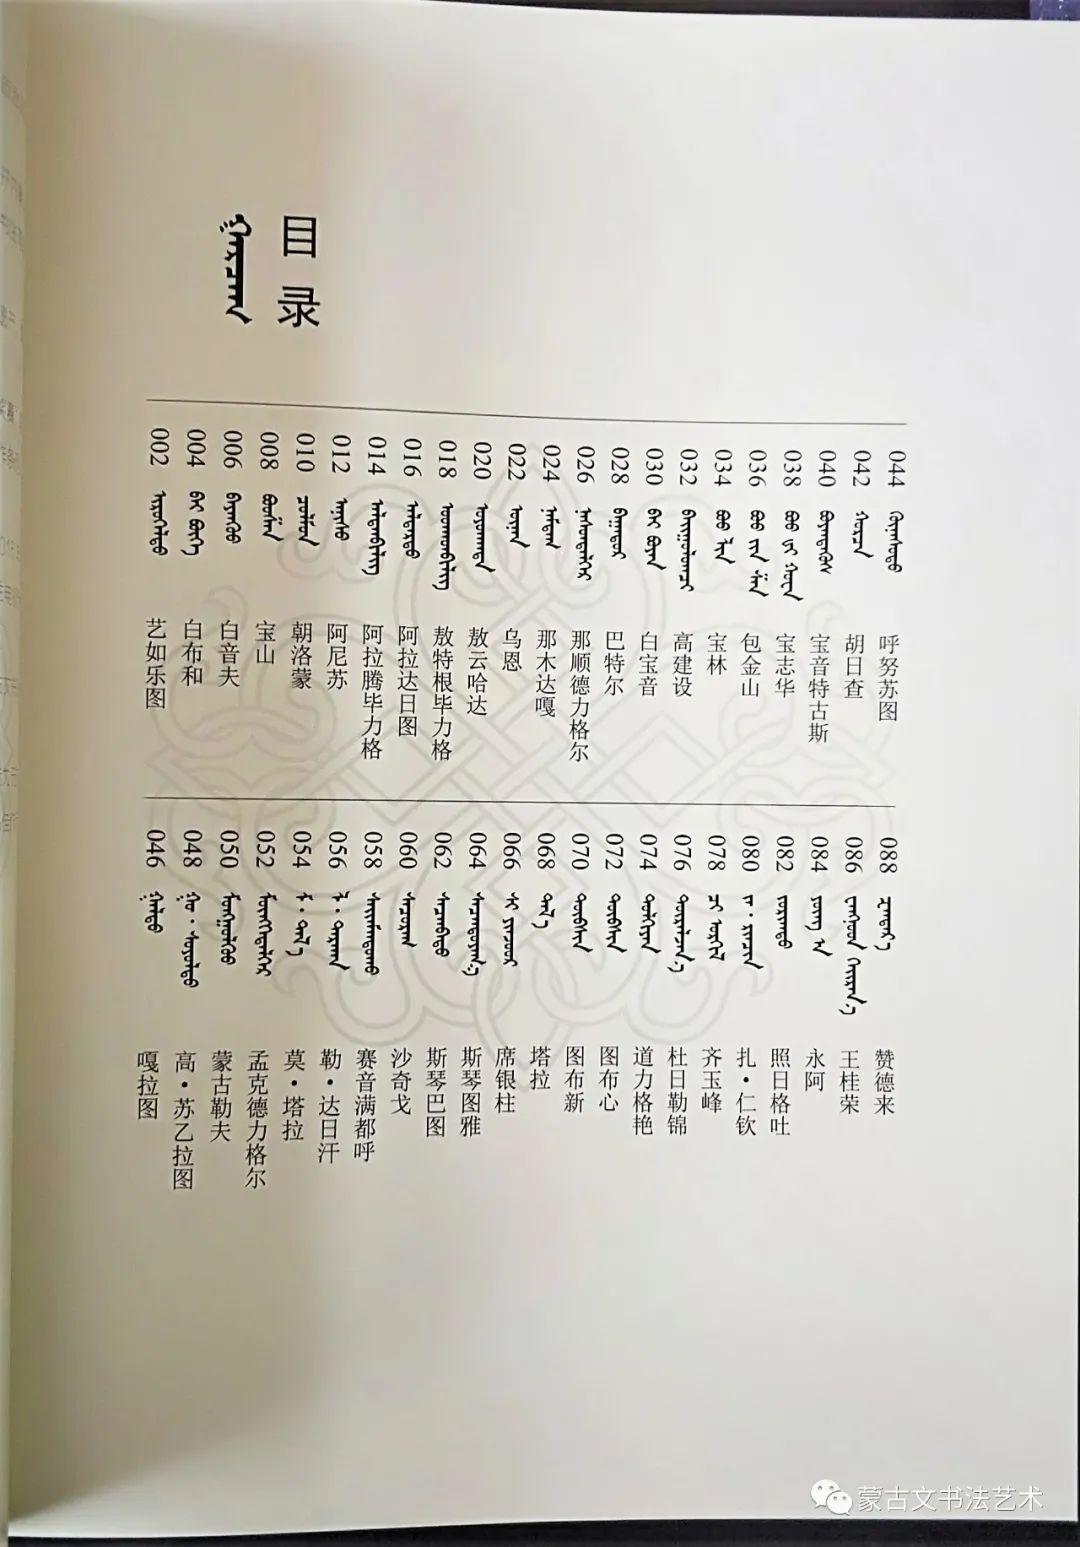 蒙古文书法全集 第12张